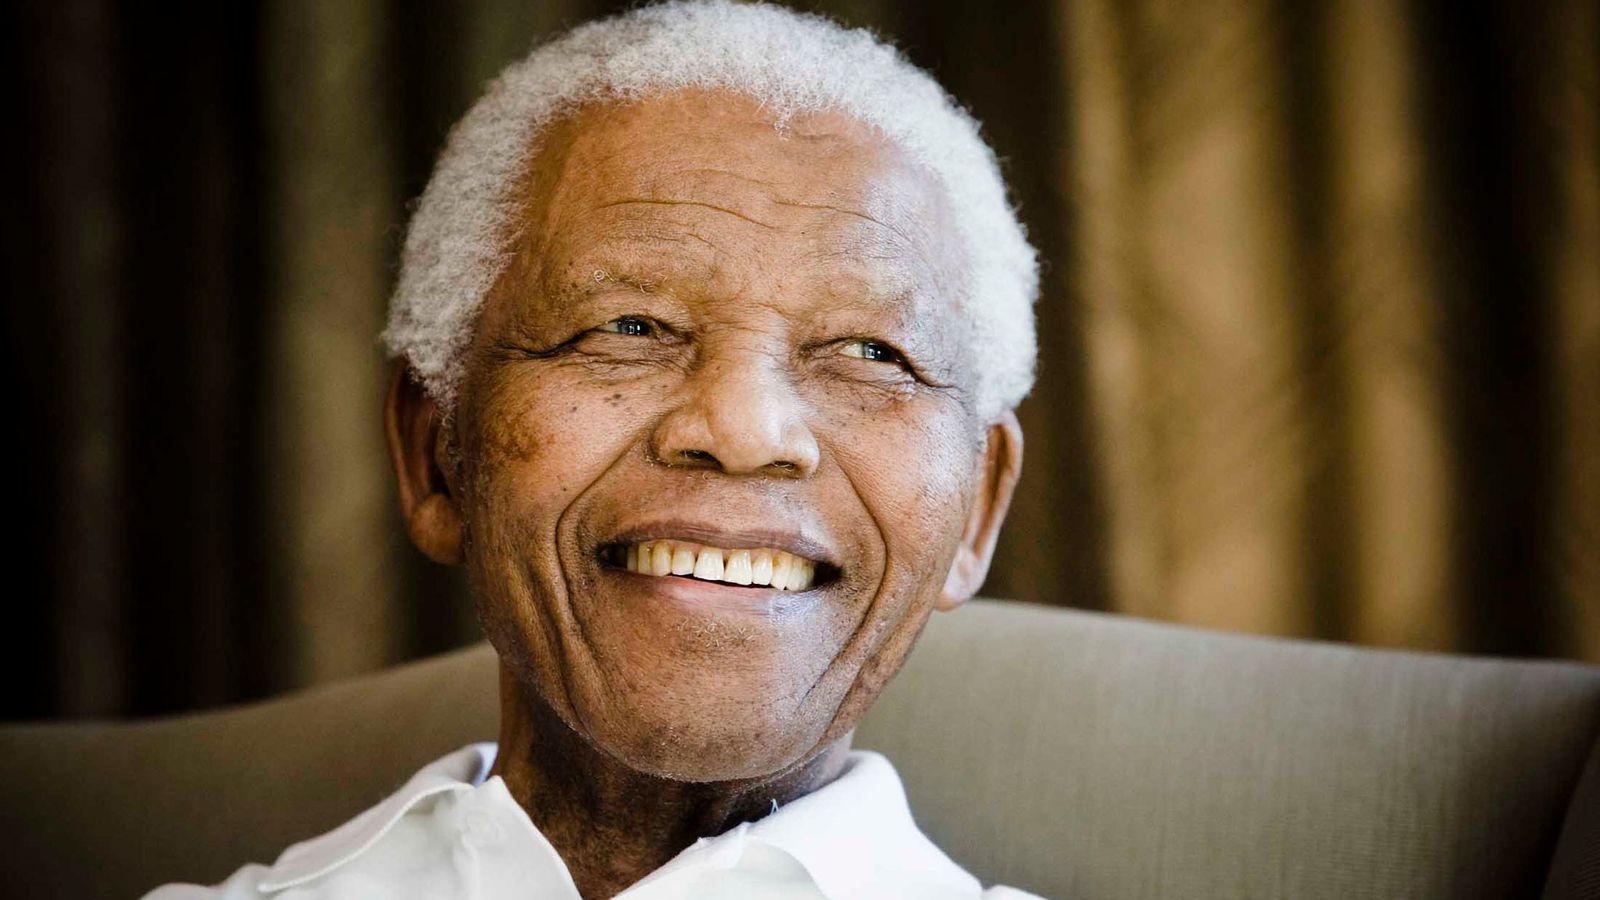 L'ancien président de l'Afrique du Sud, Nelson Mandela, était un fervent défenseur des droits de l'Homme. ...